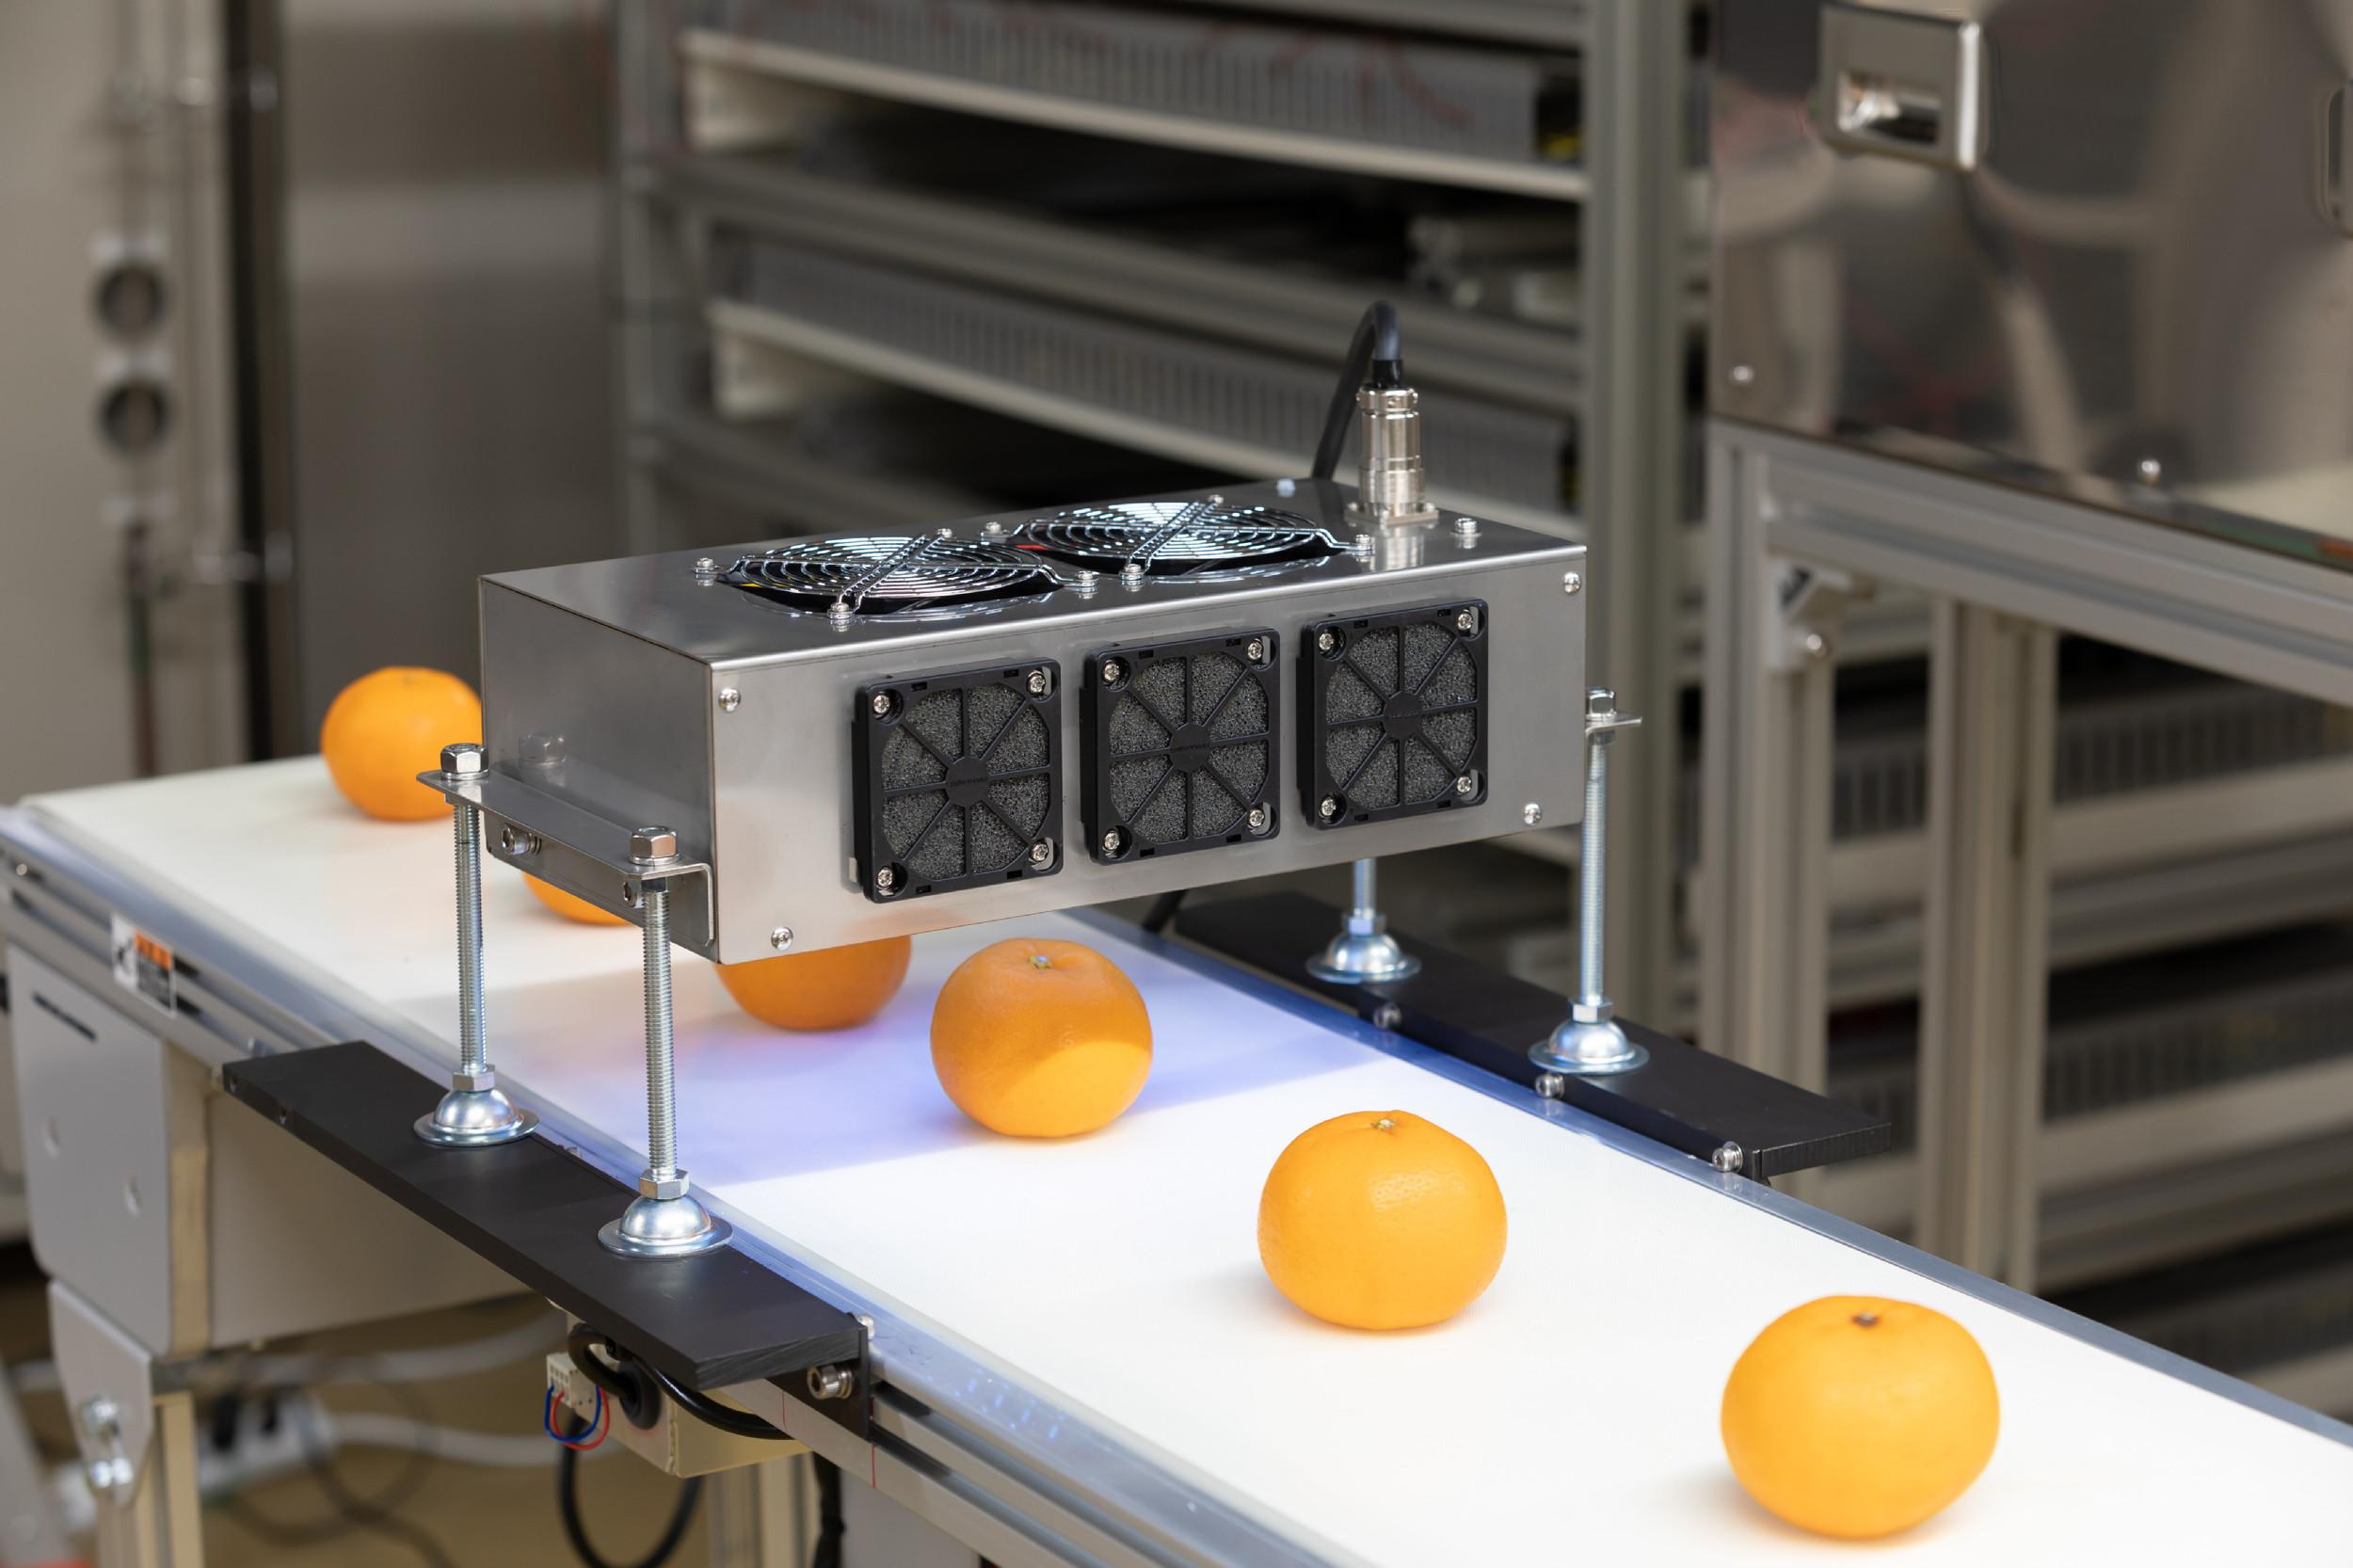 光の技術でフードロス解決に貢献 UV-LEDが照らしだす未来(後編)